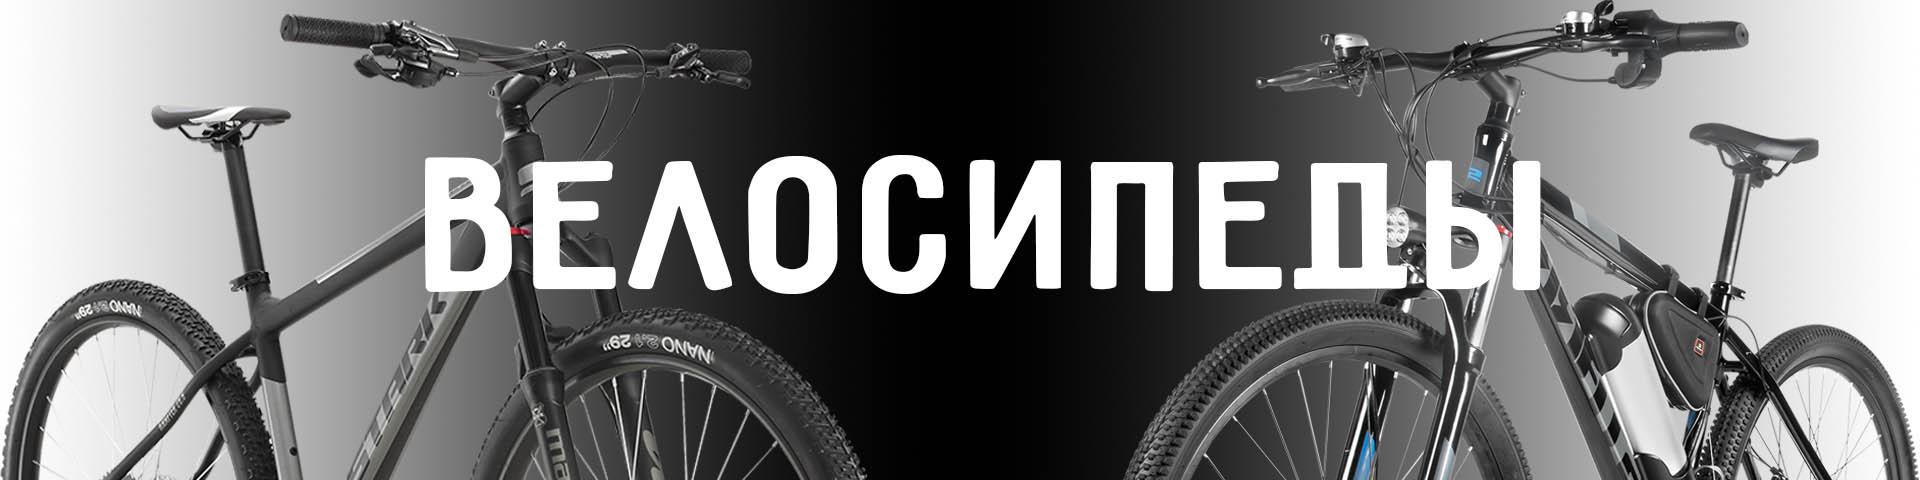 Купить горные, шоссейные, bmx велосипеды